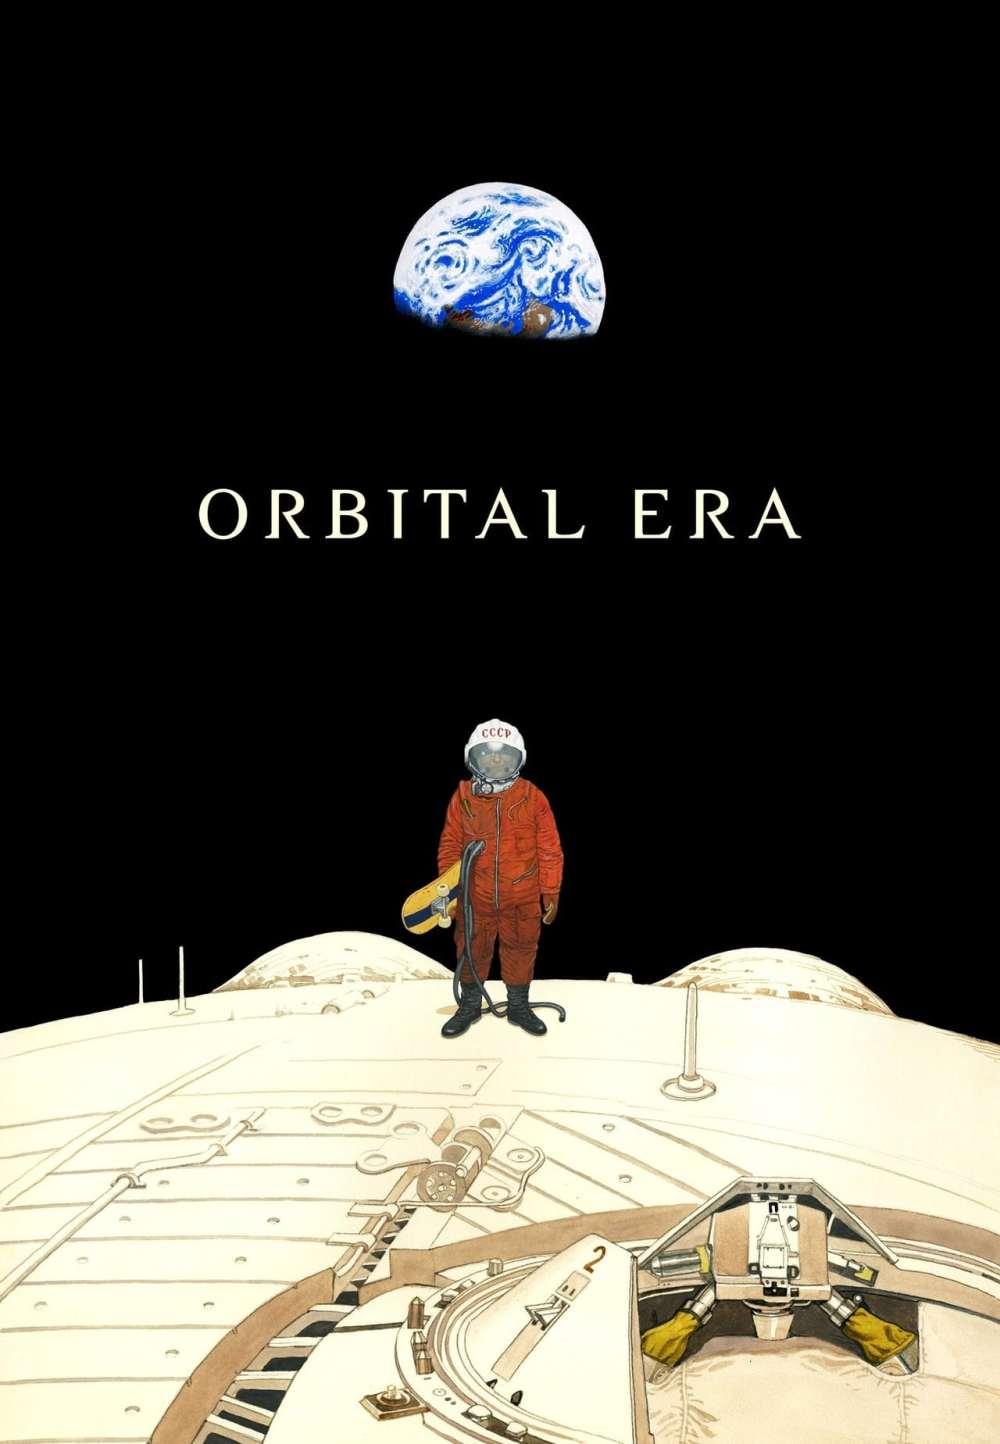 Orbital Era, la nueva película del creador de Akira y ya tiene teaser